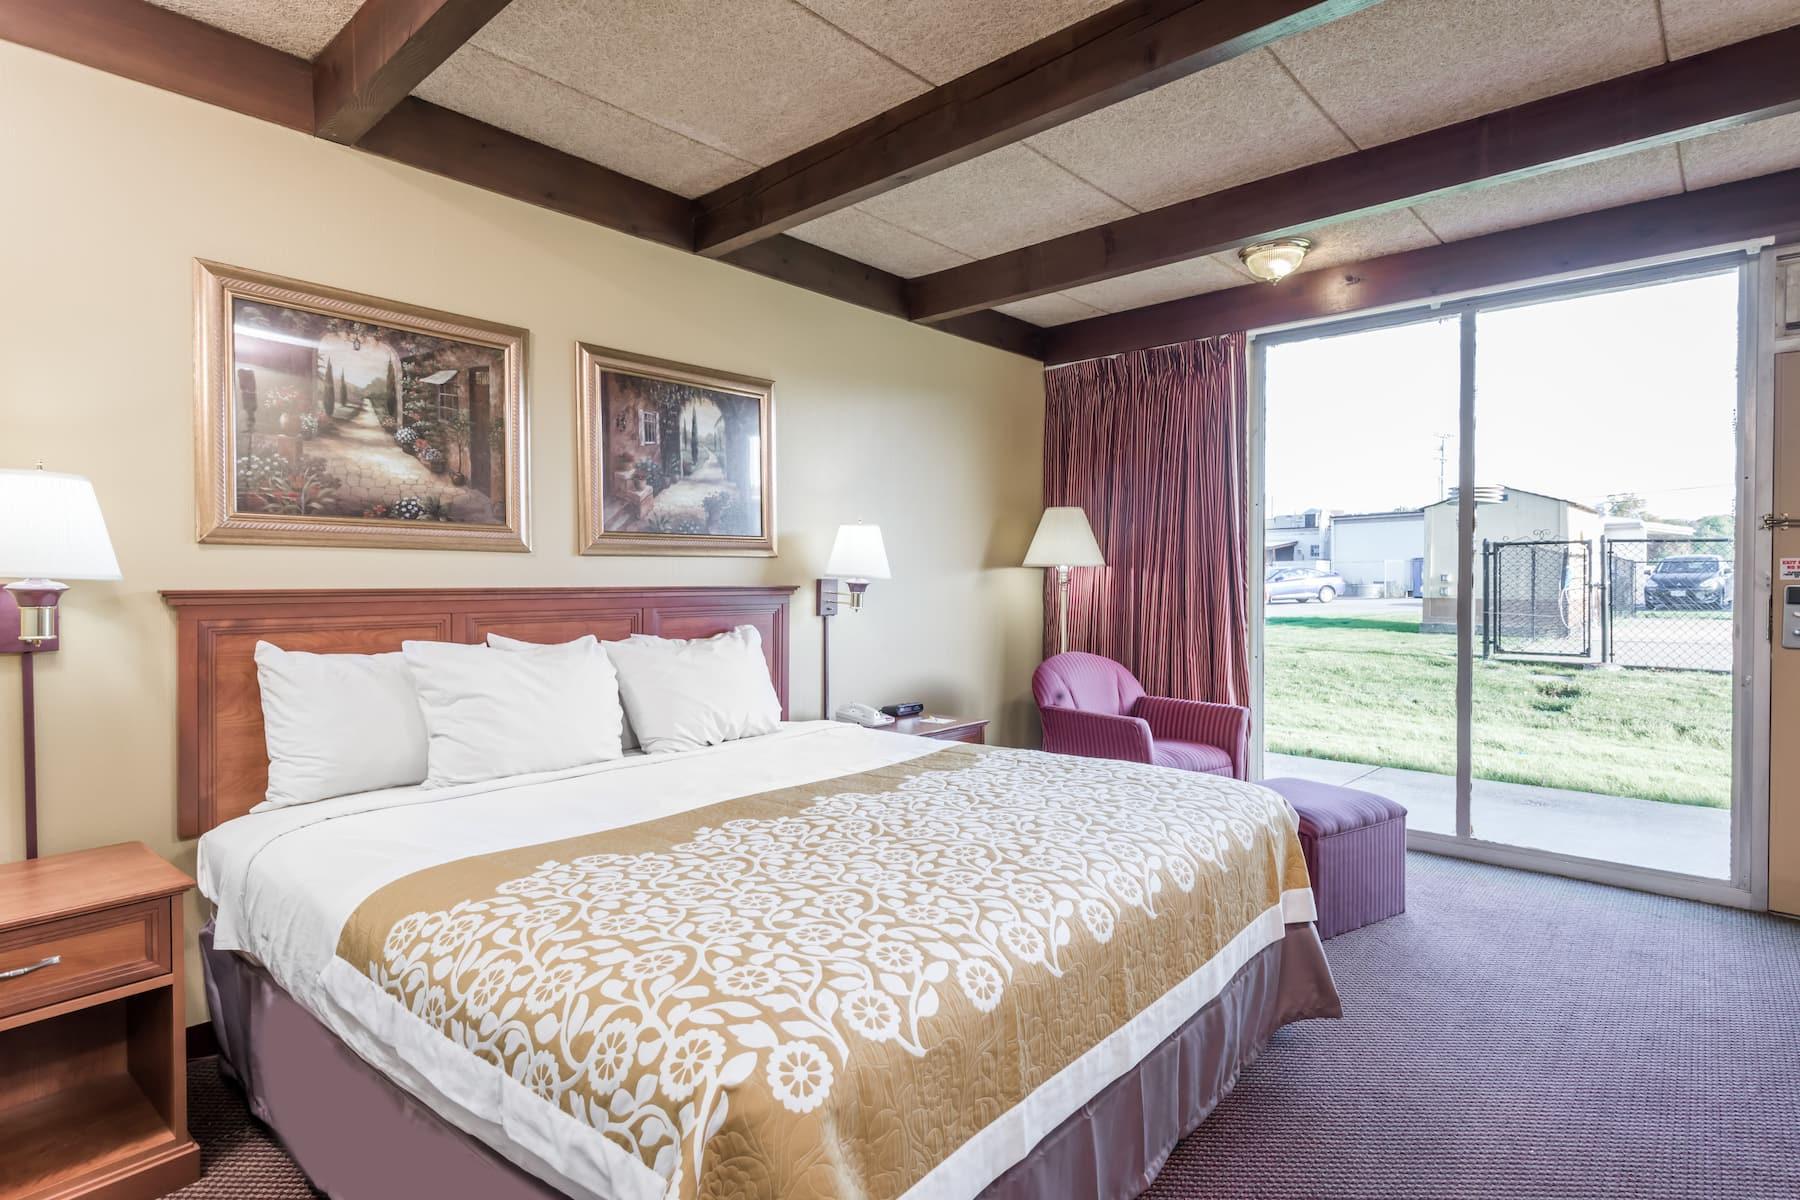 Days Inn By Wyndham Niles Niles Oh Hotels